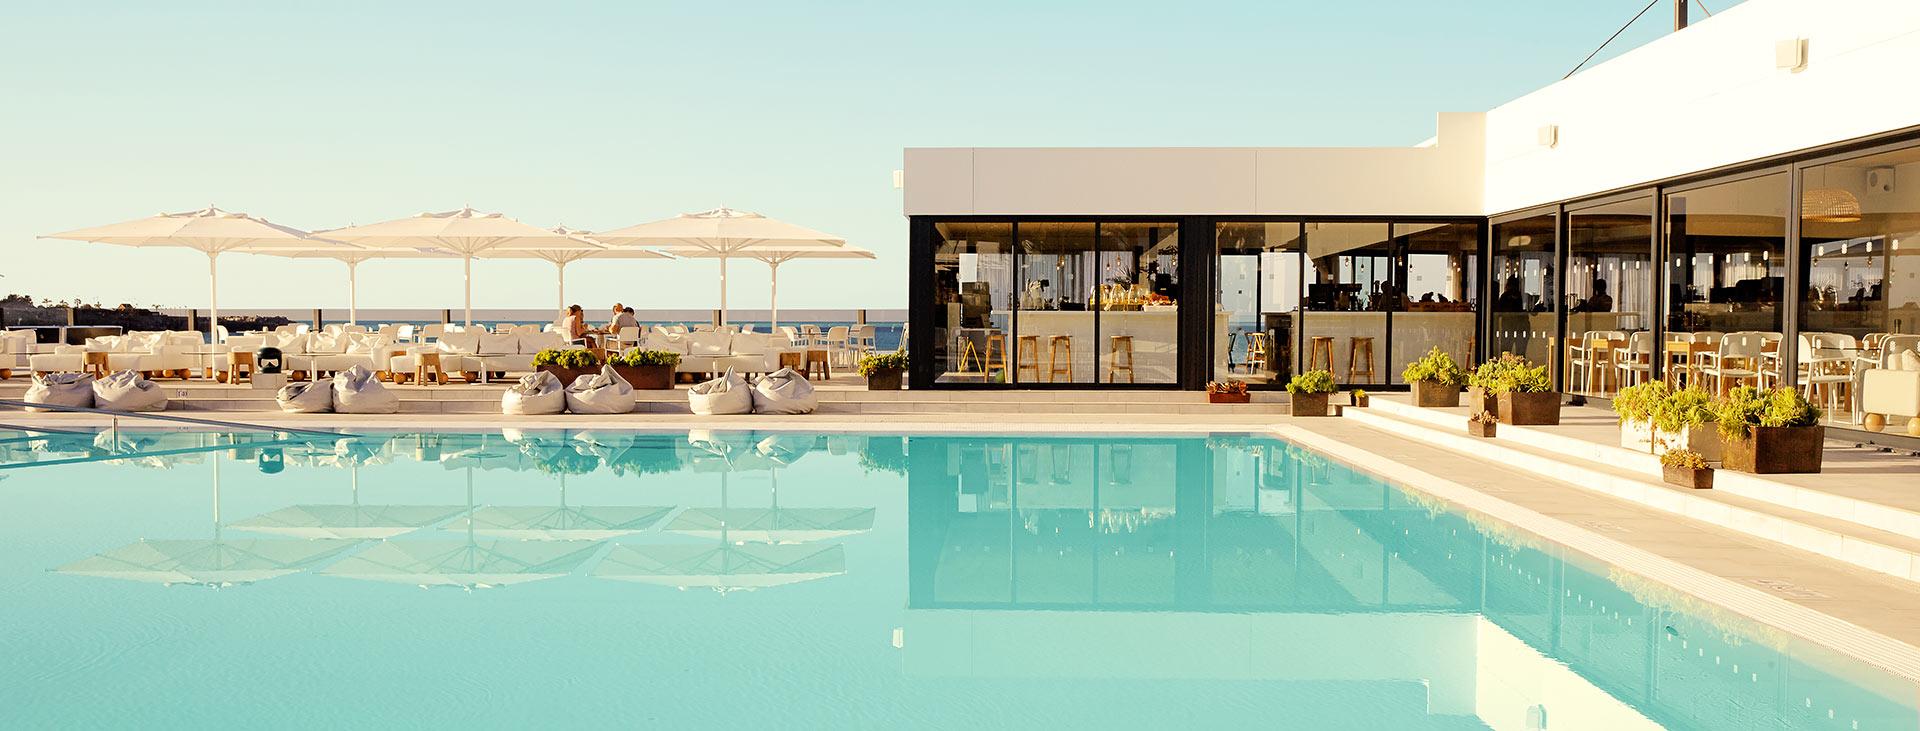 Ocean Beach Club - Gran Canaria, Playa del Cura, Gran Canaria, De Kanariske Øer